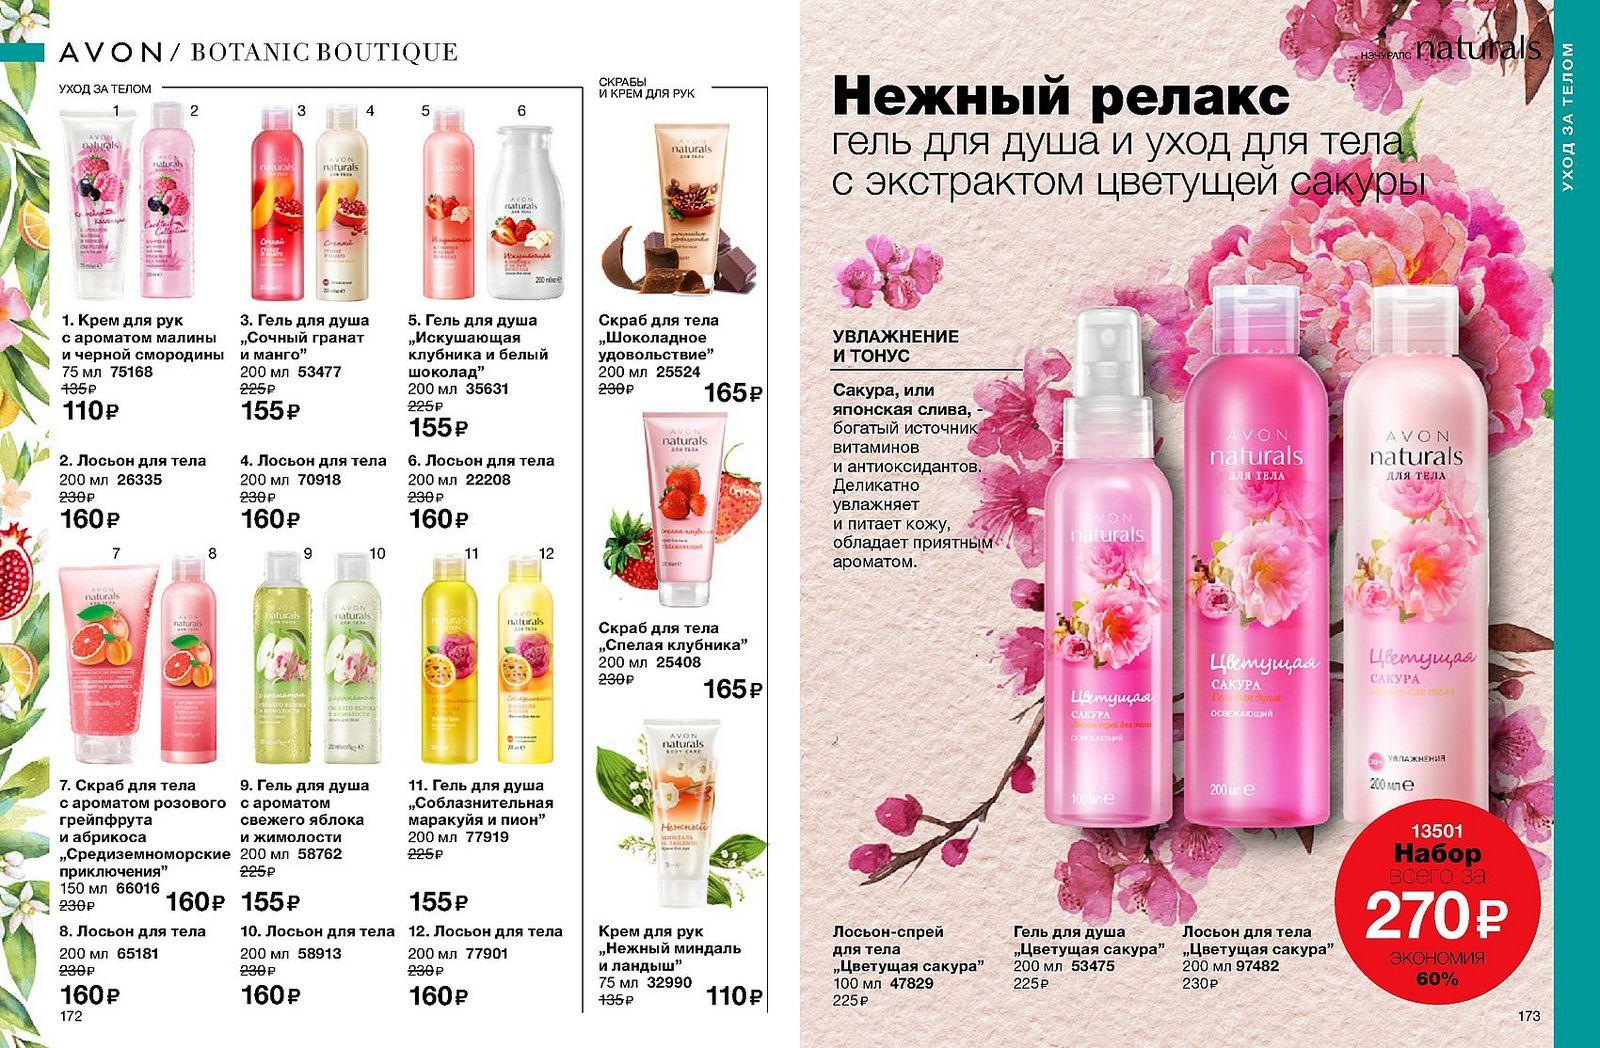 Avon главная geomar косметика купить в москве